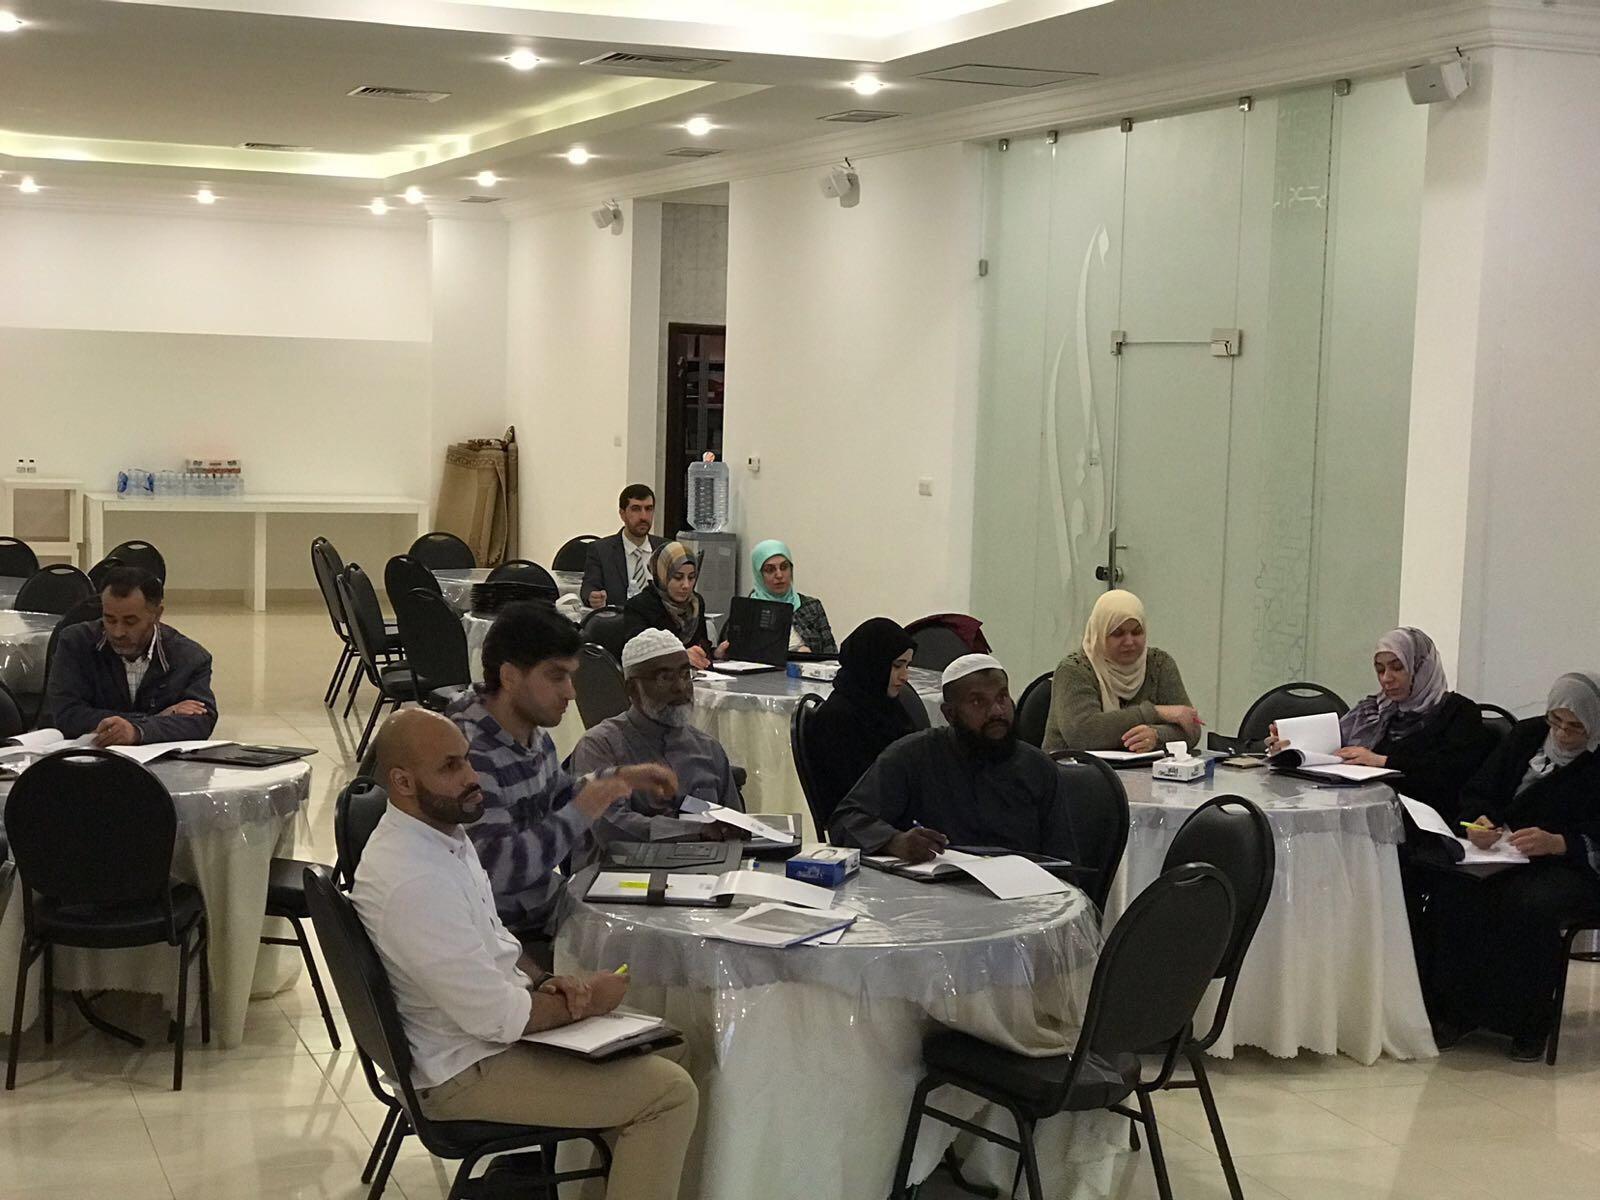 كامز: ينفذ برنامج المتمم حصريا في الكويت لتعليم اللغة العربية للناطقين بغيرها